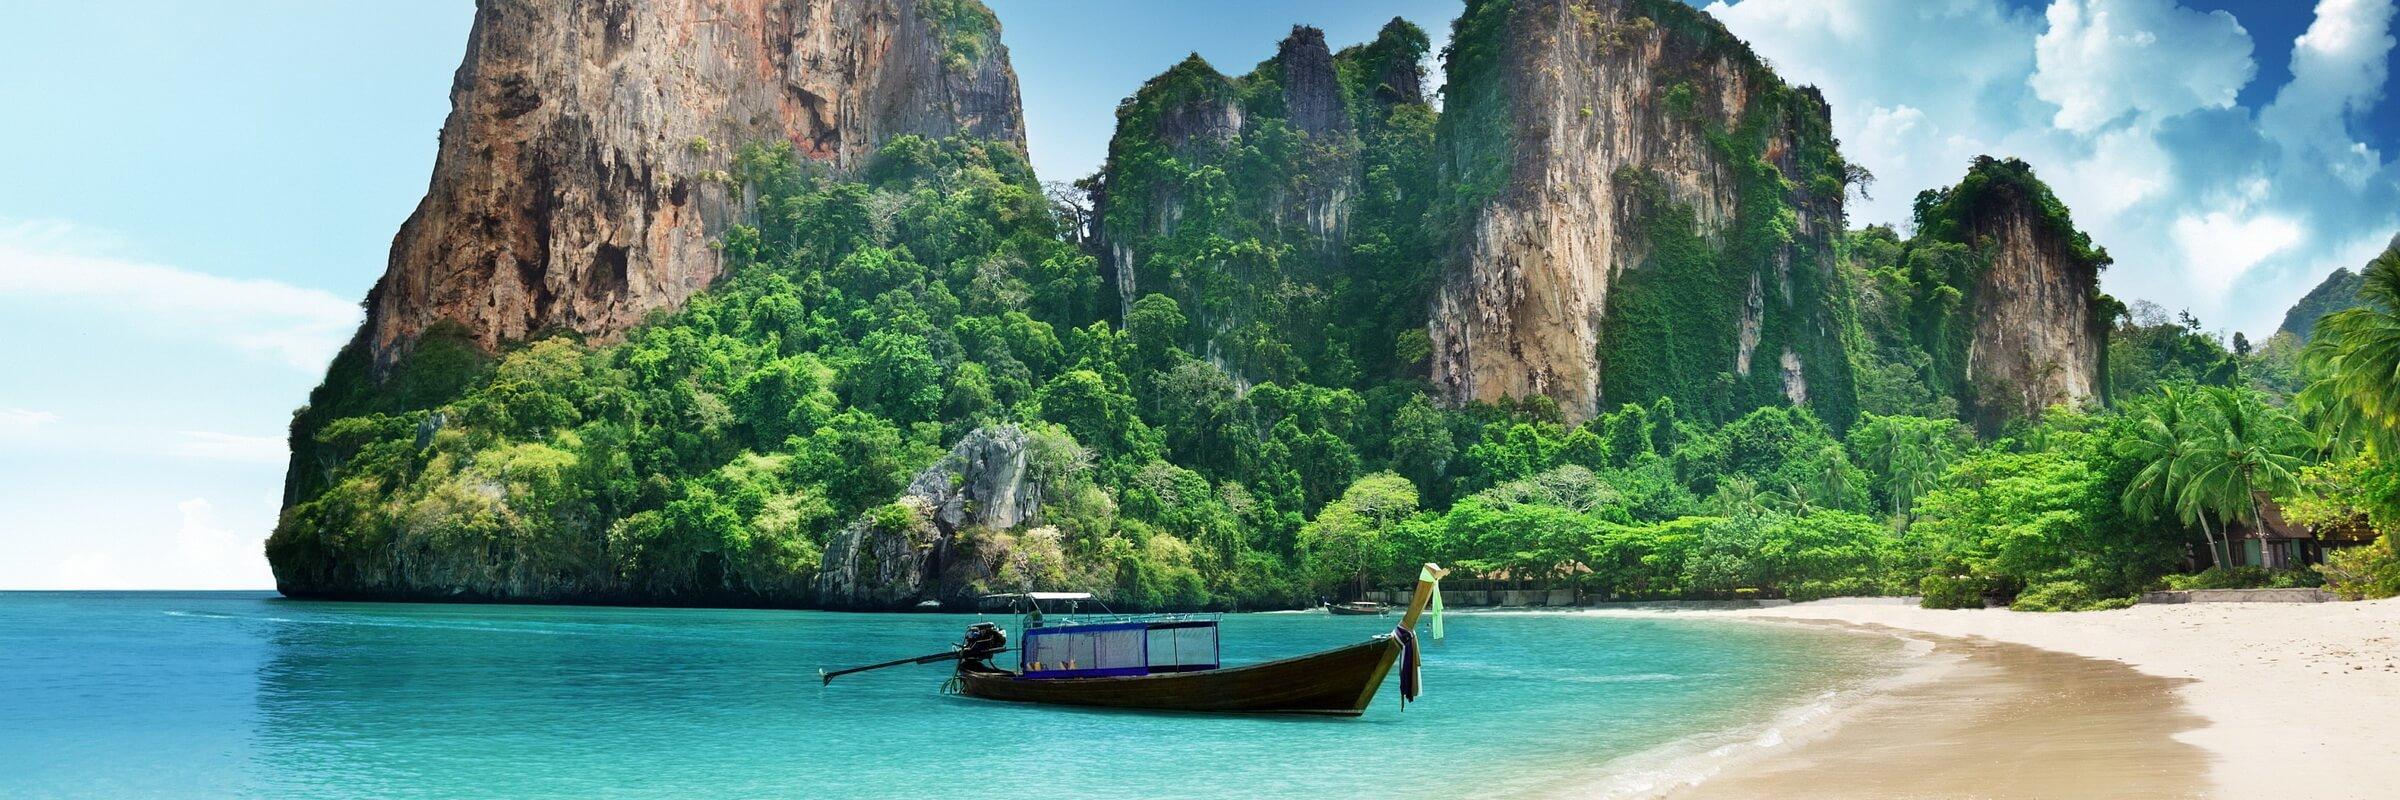 Die Inseln Koh Samui, Koh Tao und Koh Phangan zählen unter vielen kleinen weiteren Inseln zum Koh Samui Archipel.